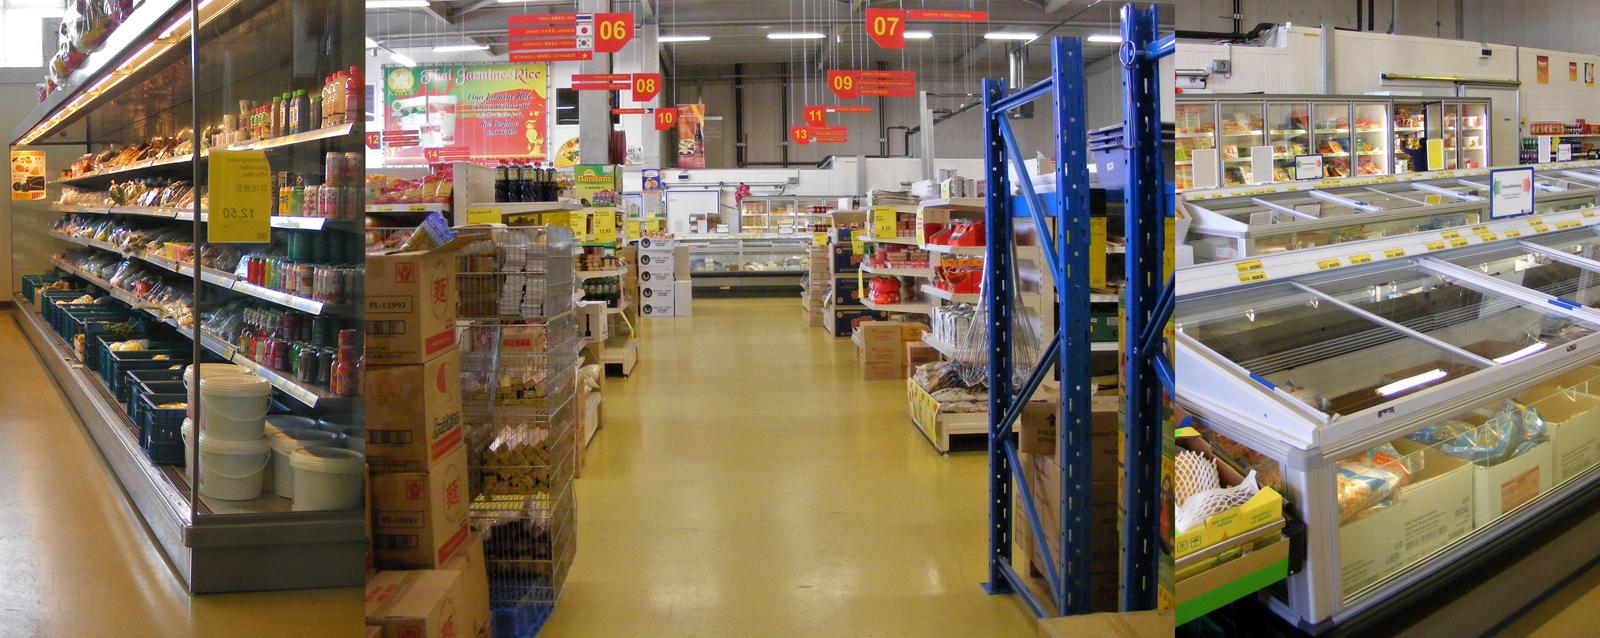 Keukenspullen Den Haag : Wah Nam Hong (Cash & Carry) in Leidschenveen, Forepark Aziatische